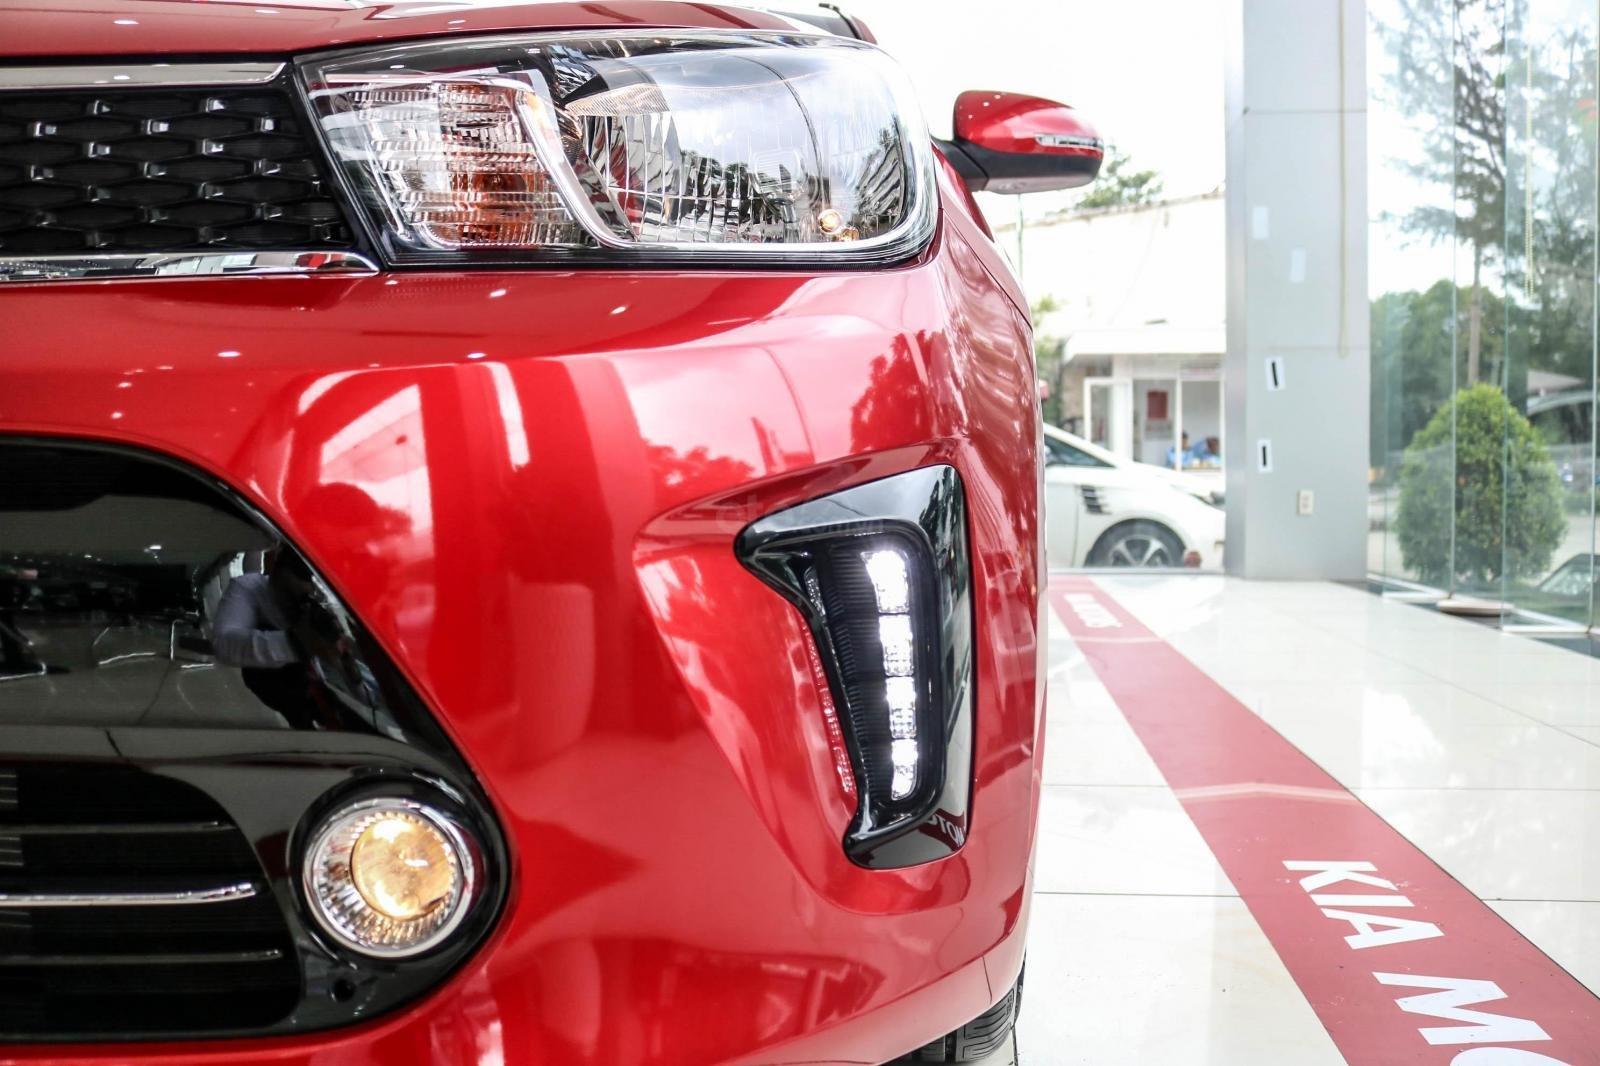 New Kia Soluto 2019 giảm giá 10 triệu tiền mặt, có hỗ trợ vay ngân hàng đến 80%, hotline: 0522986497 (14)